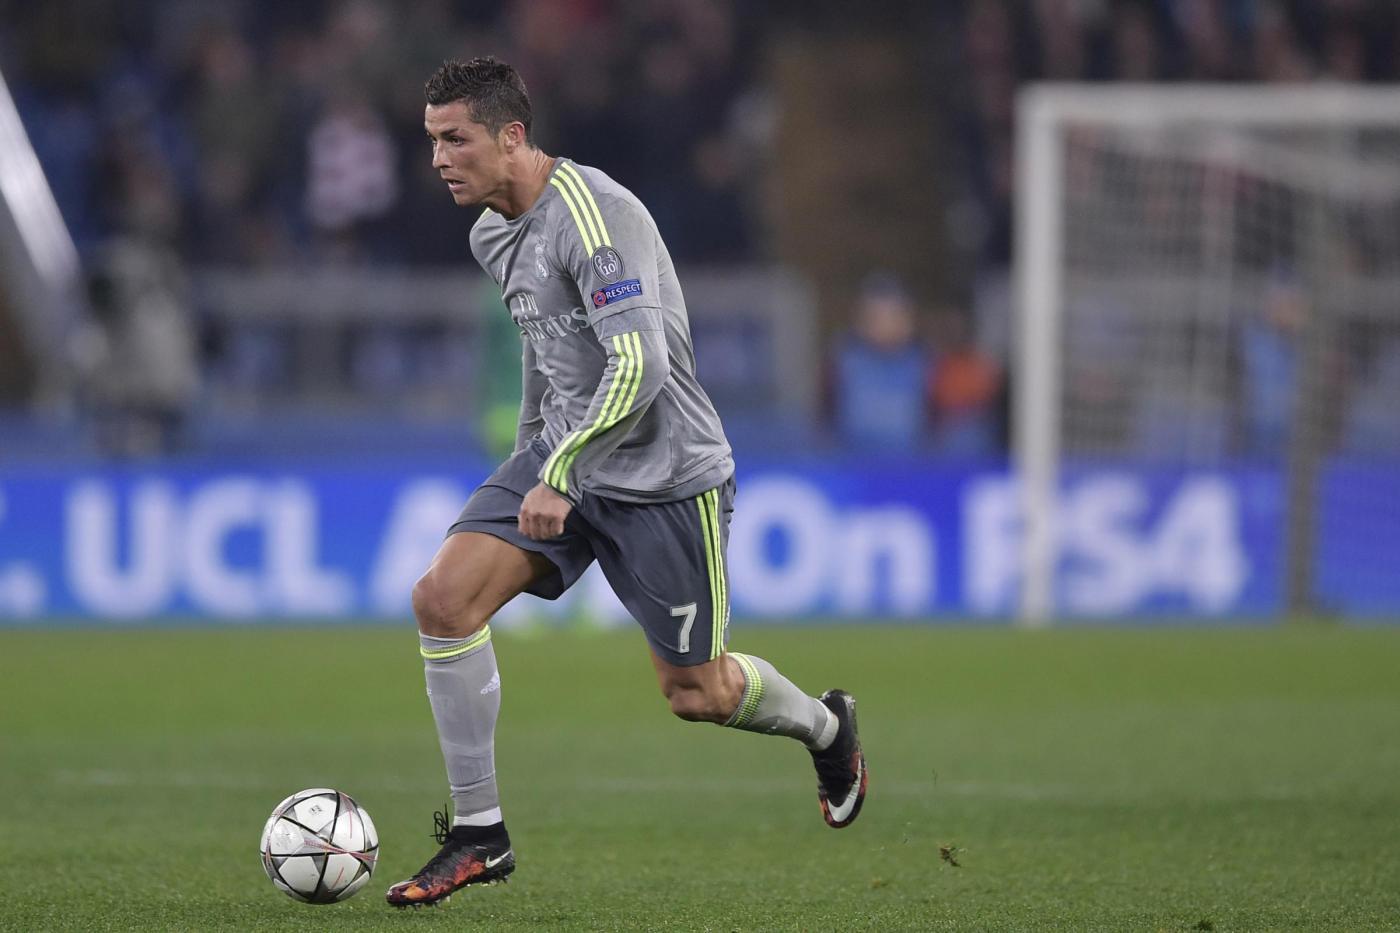 La Juventus riceve 76,2 milioni dalla UEFA per il biennio 2015/16, la classifica